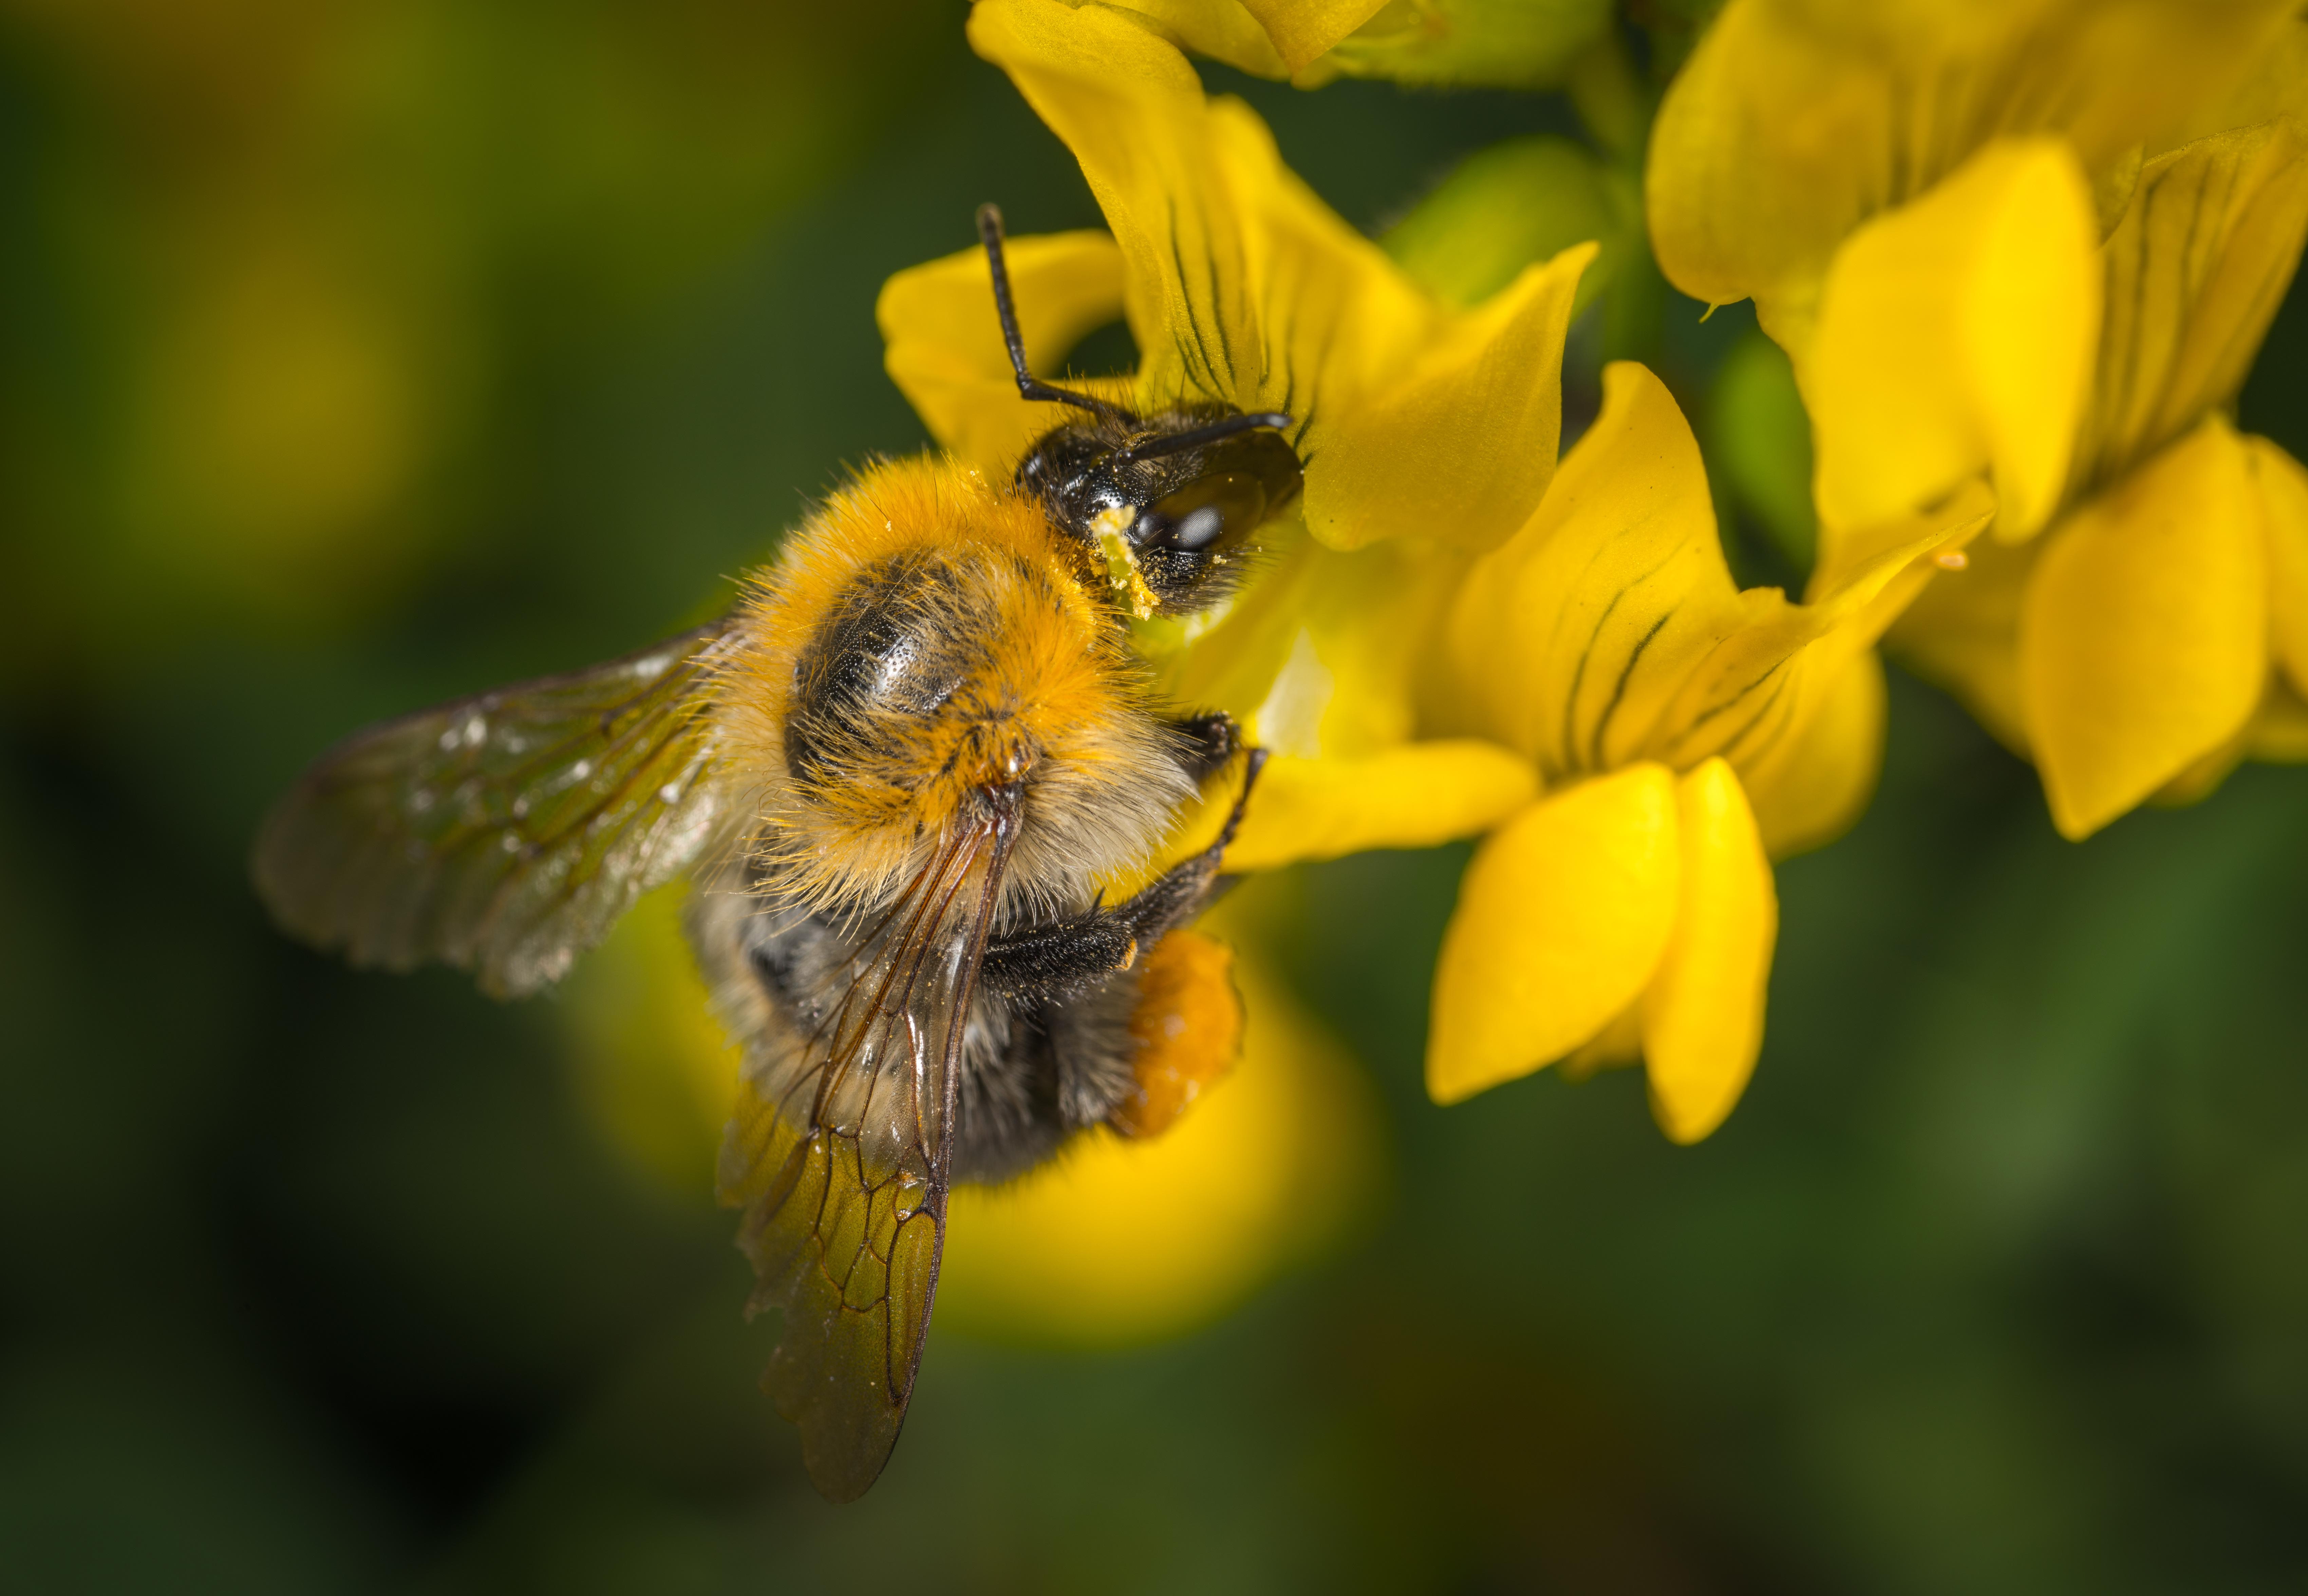 Обои для рабочего стола Пчелы насекомое боке вблизи животное Насекомые Размытый фон Животные Крупным планом